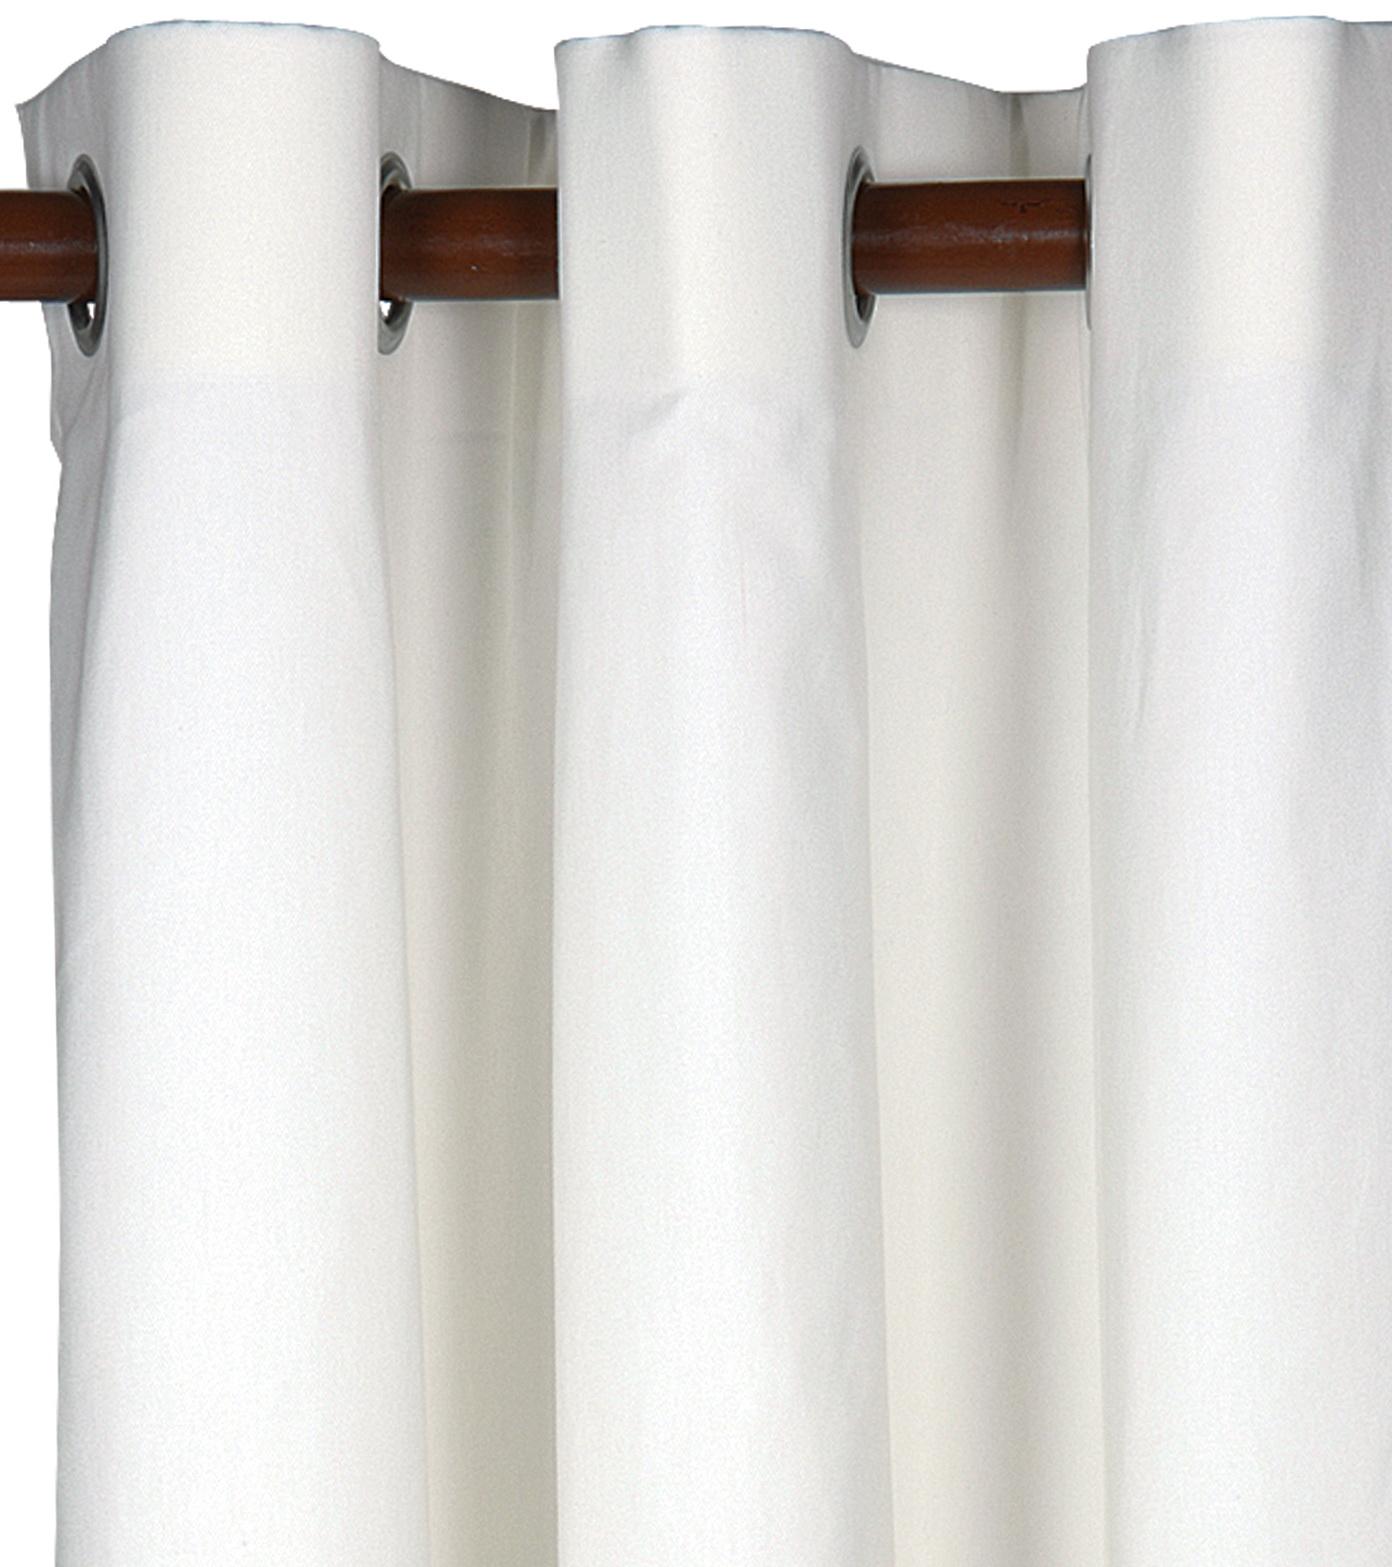 Grommet Blackout Curtains White Home Design Ideas